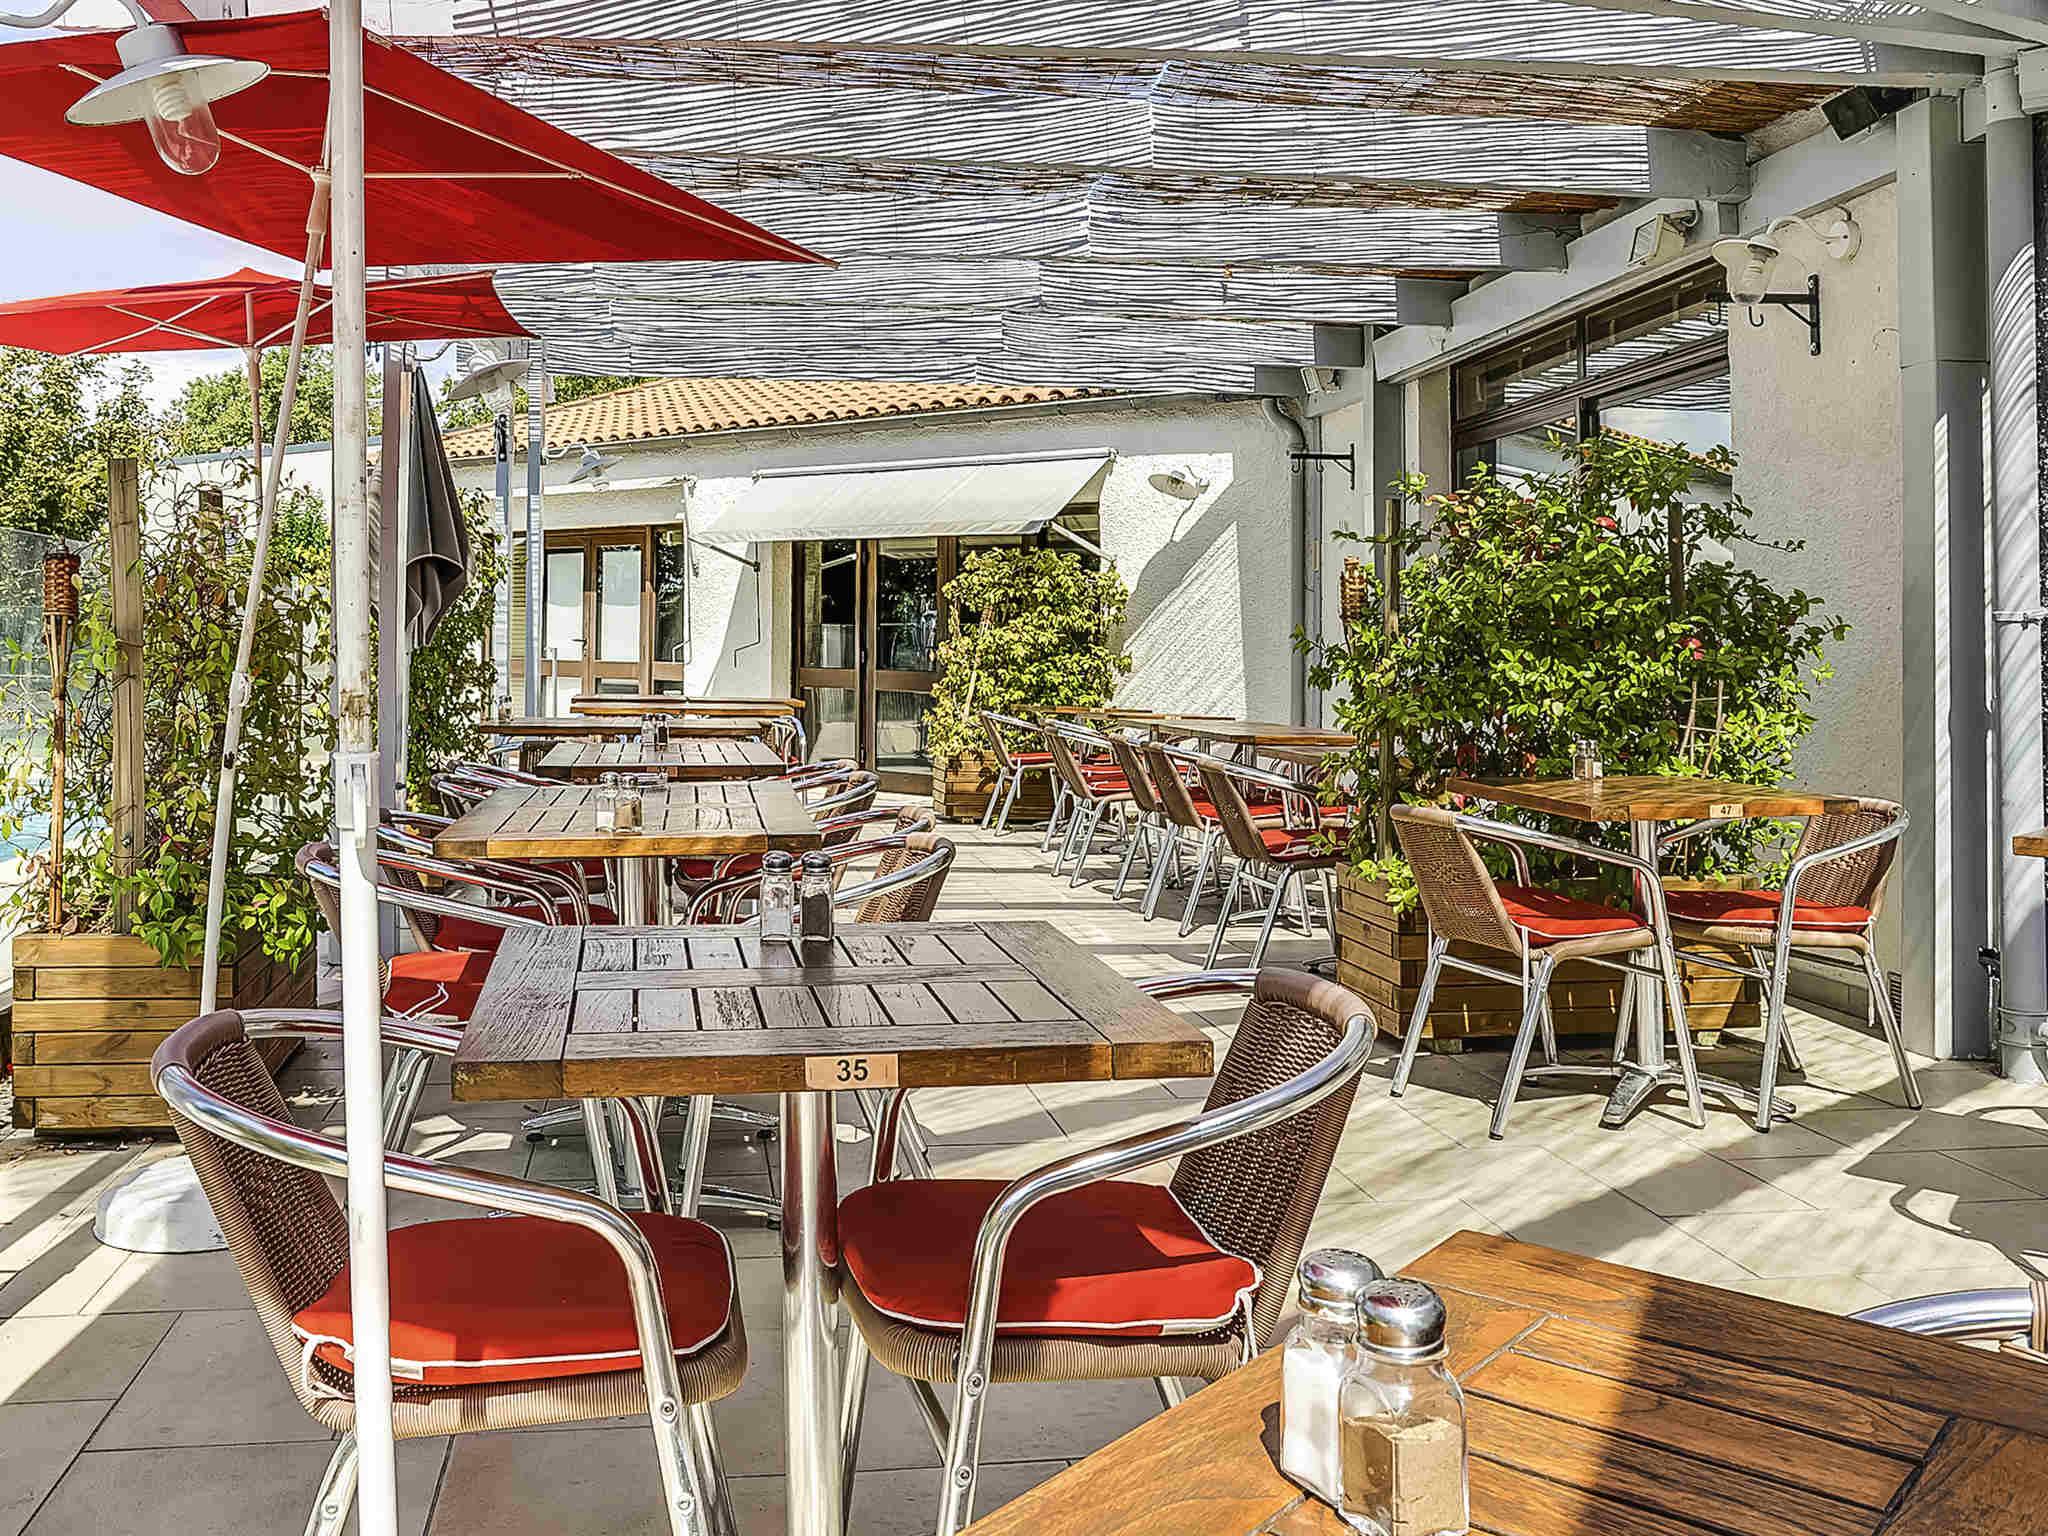 Hotel di ibis salon de provence sud ibis salon de for Ifte sud salon de provence avis